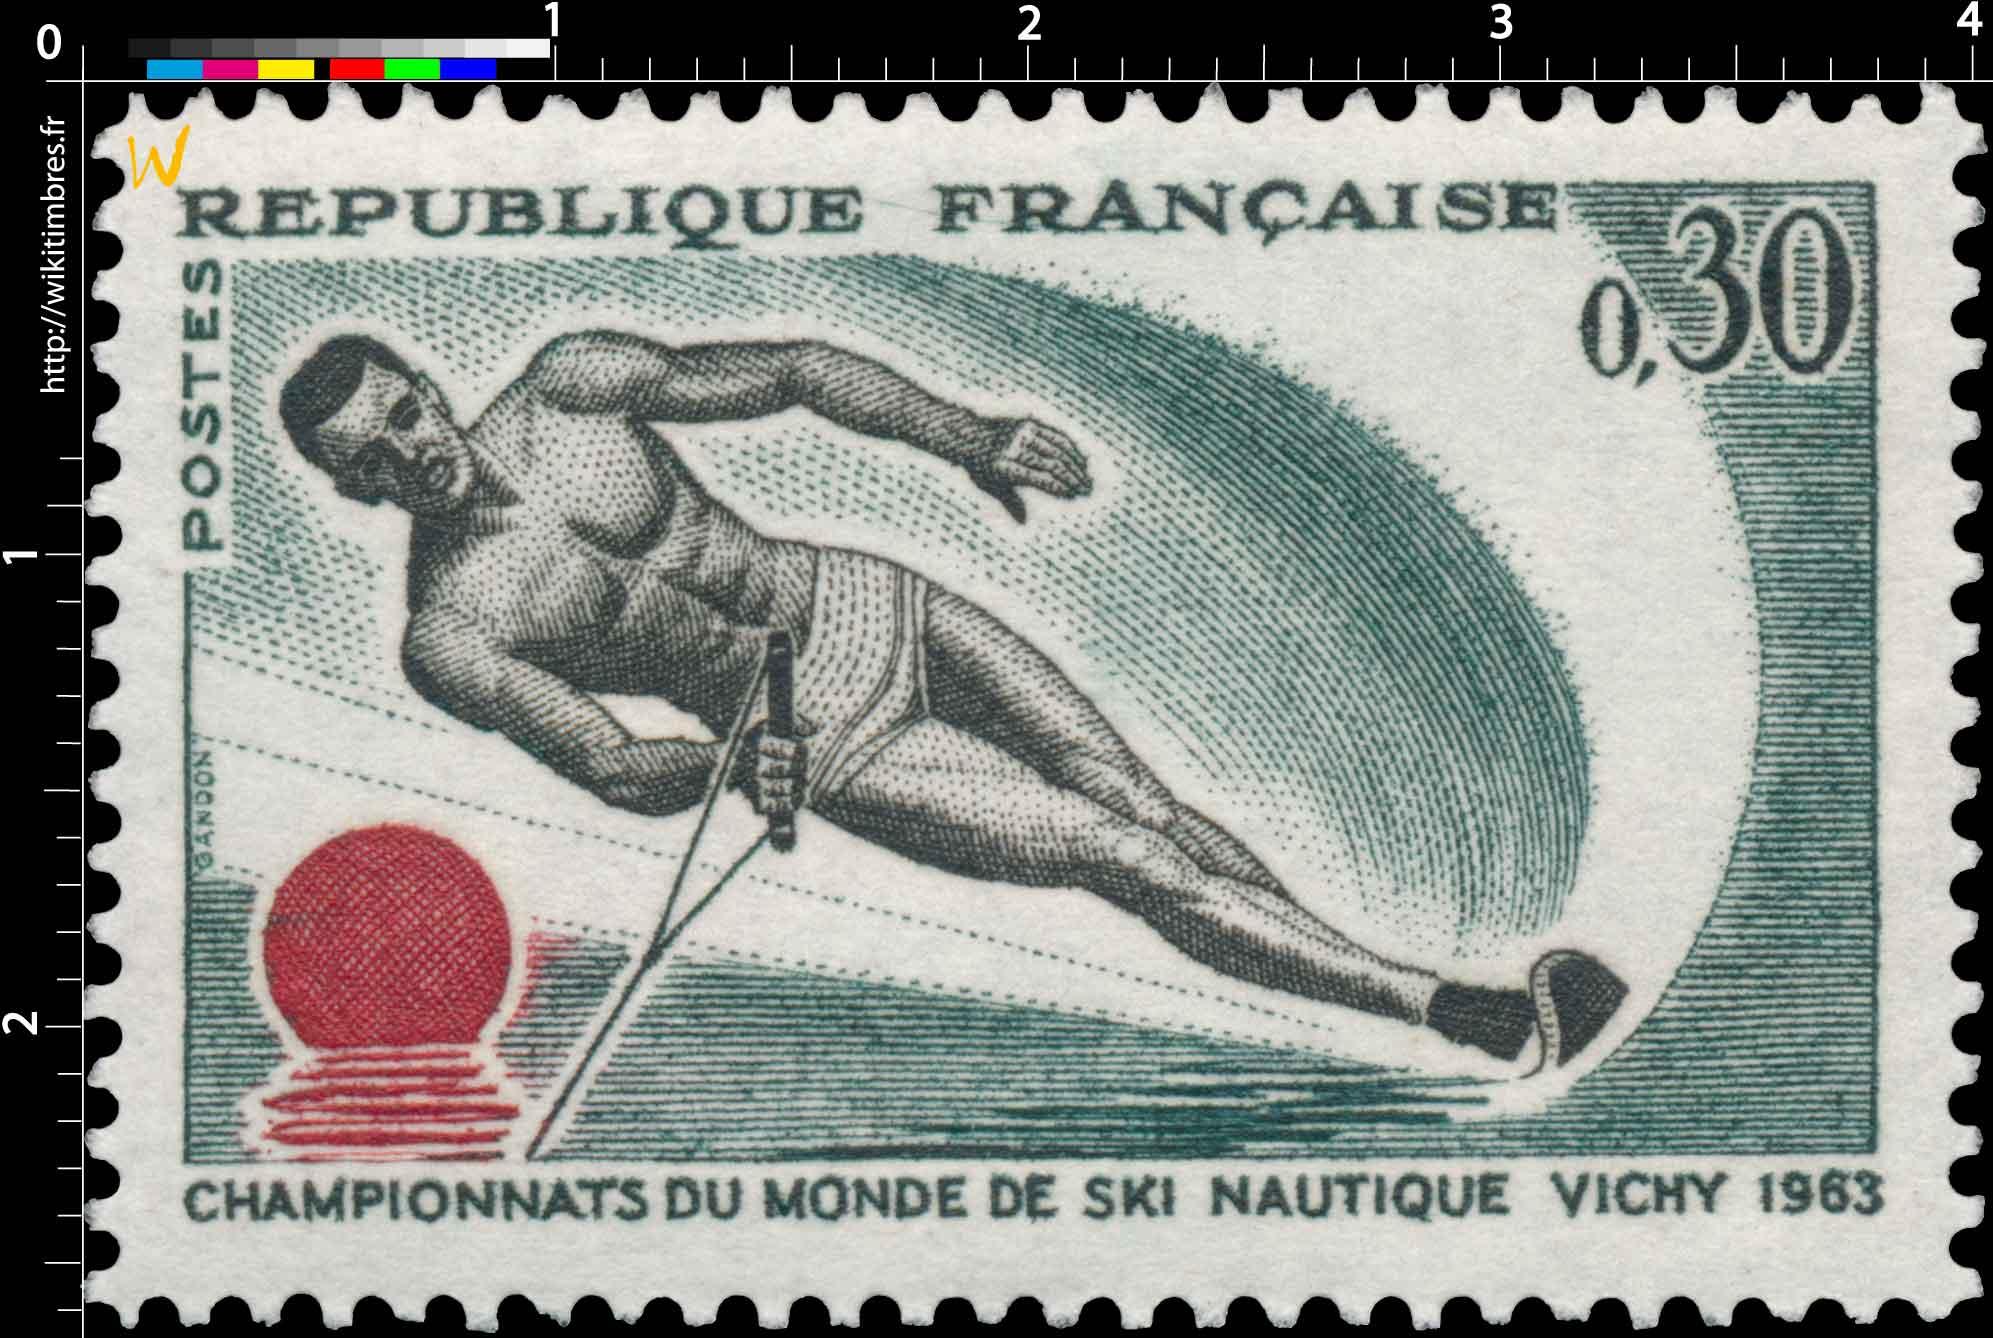 CHAMPIONNATS DU MONDE DE SKI NAUTIQUE VICHY 1963